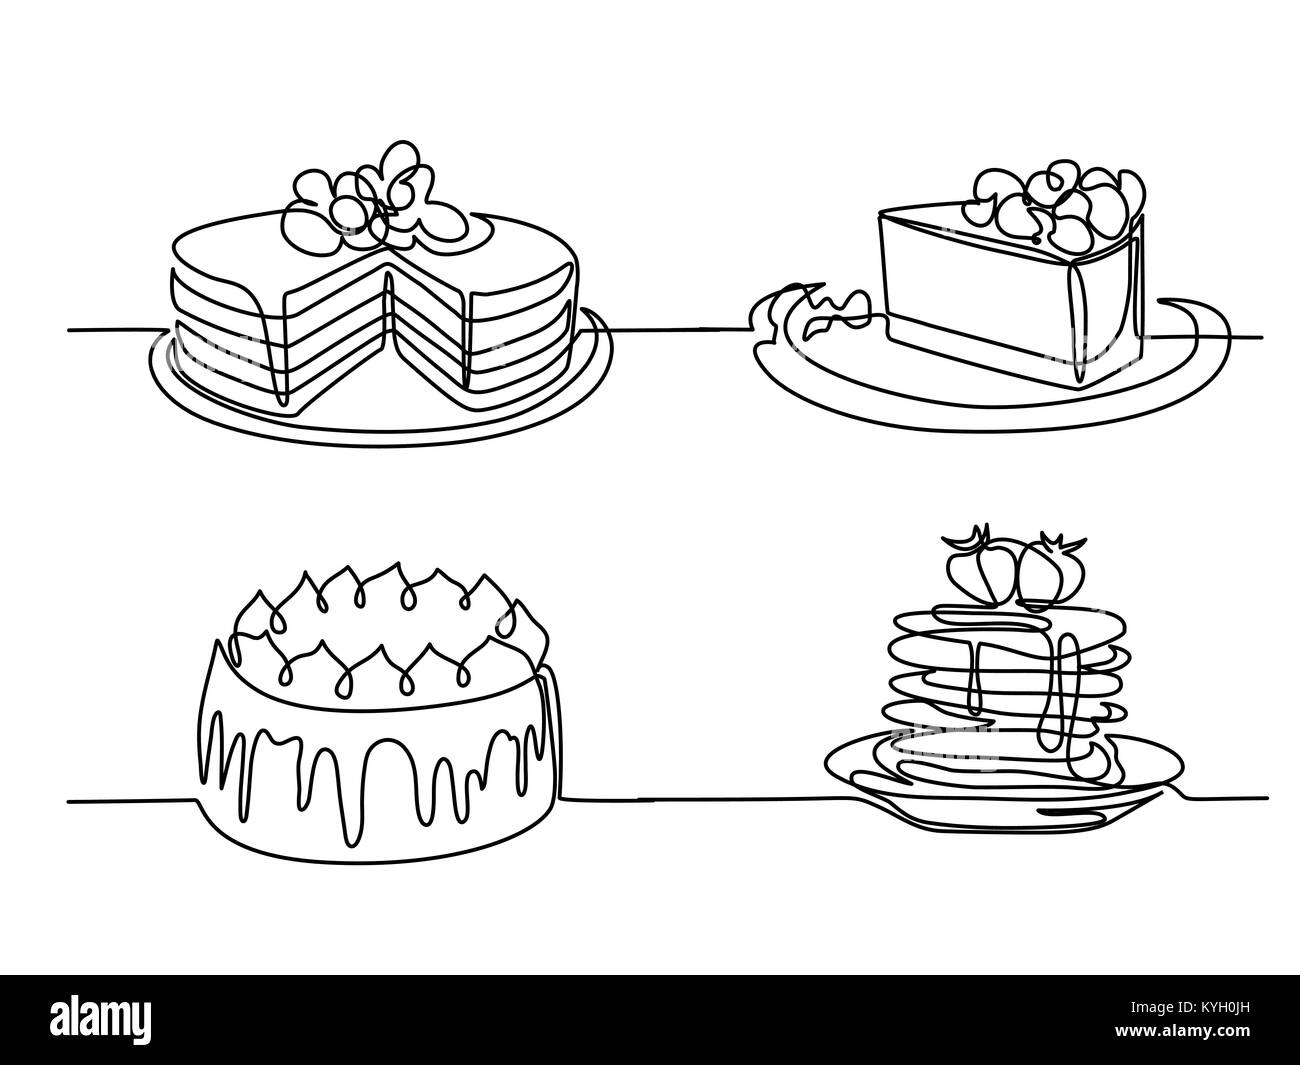 Stellen Sie Kontinuierliche Linie Zeichnen Von Großen Kuchen Vektor